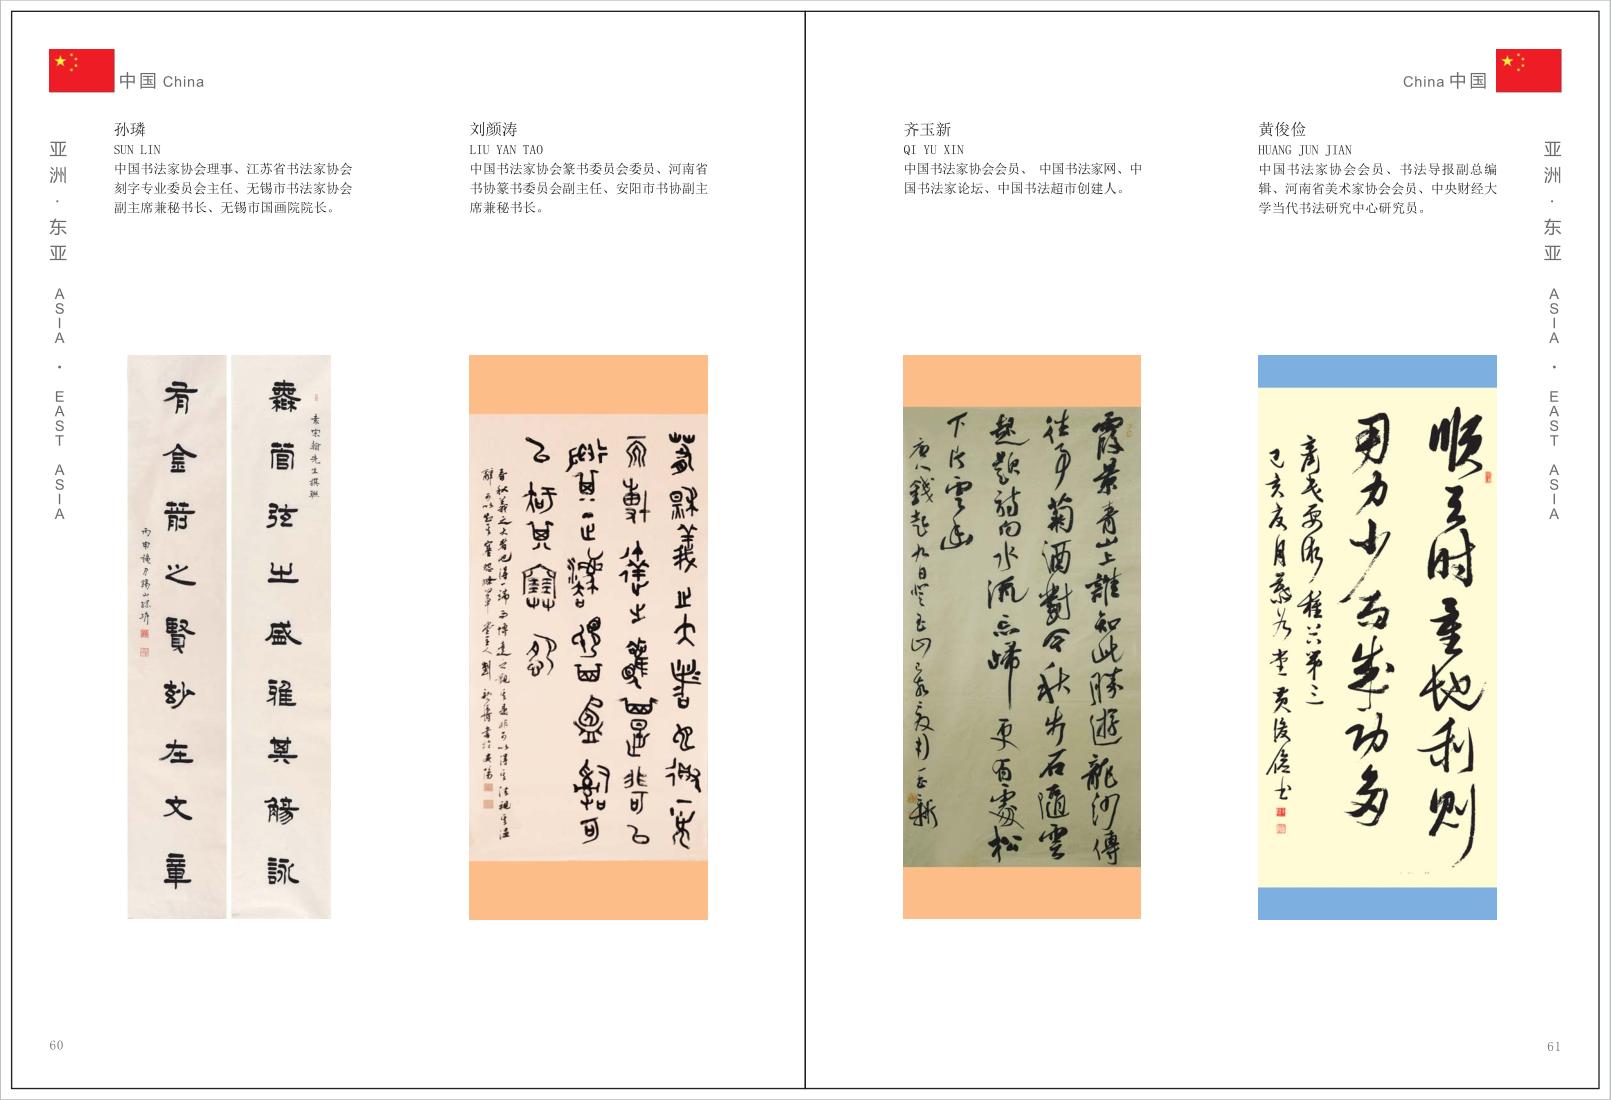 191页2_32.png